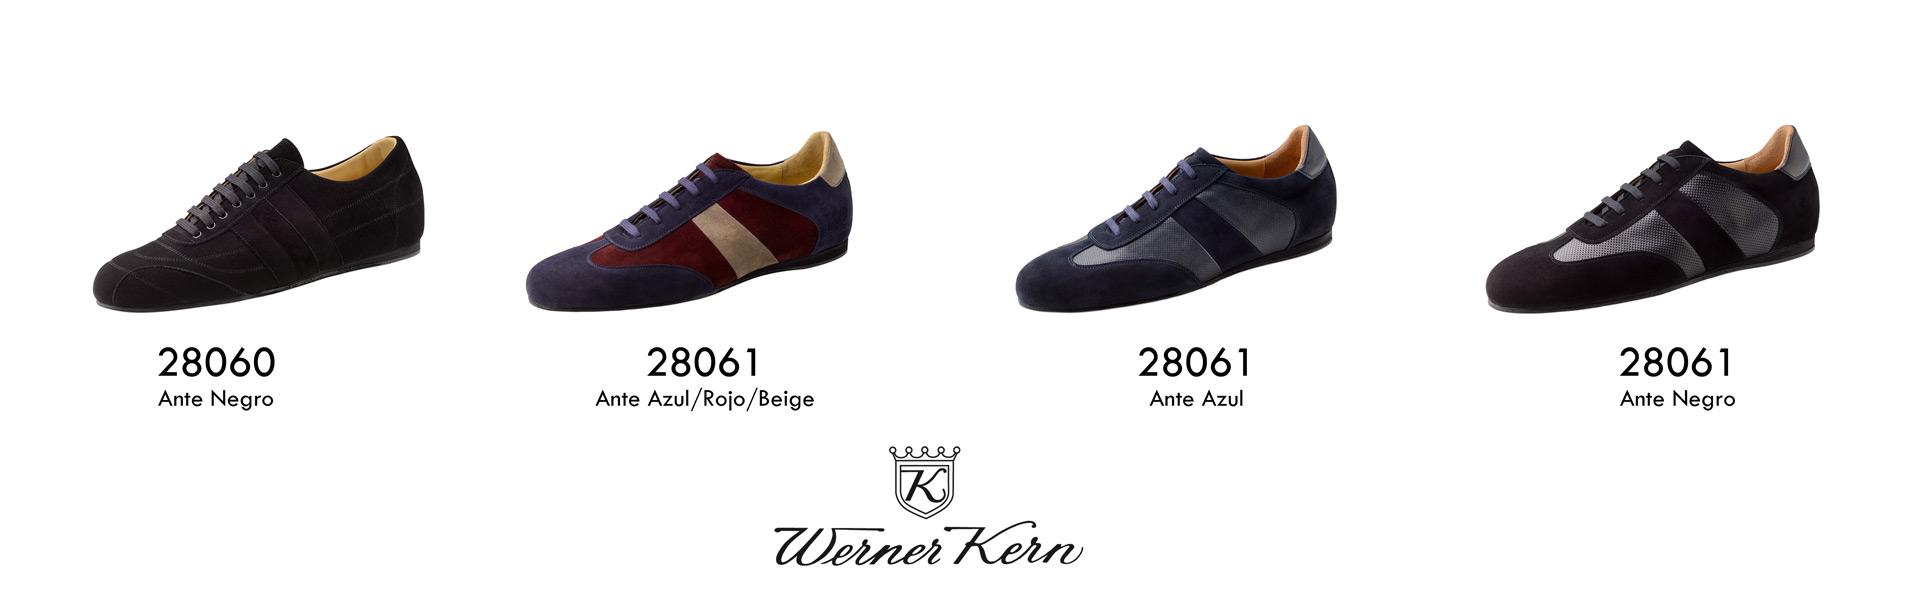 Werner Kern Zapatos de Baile 28060 28061